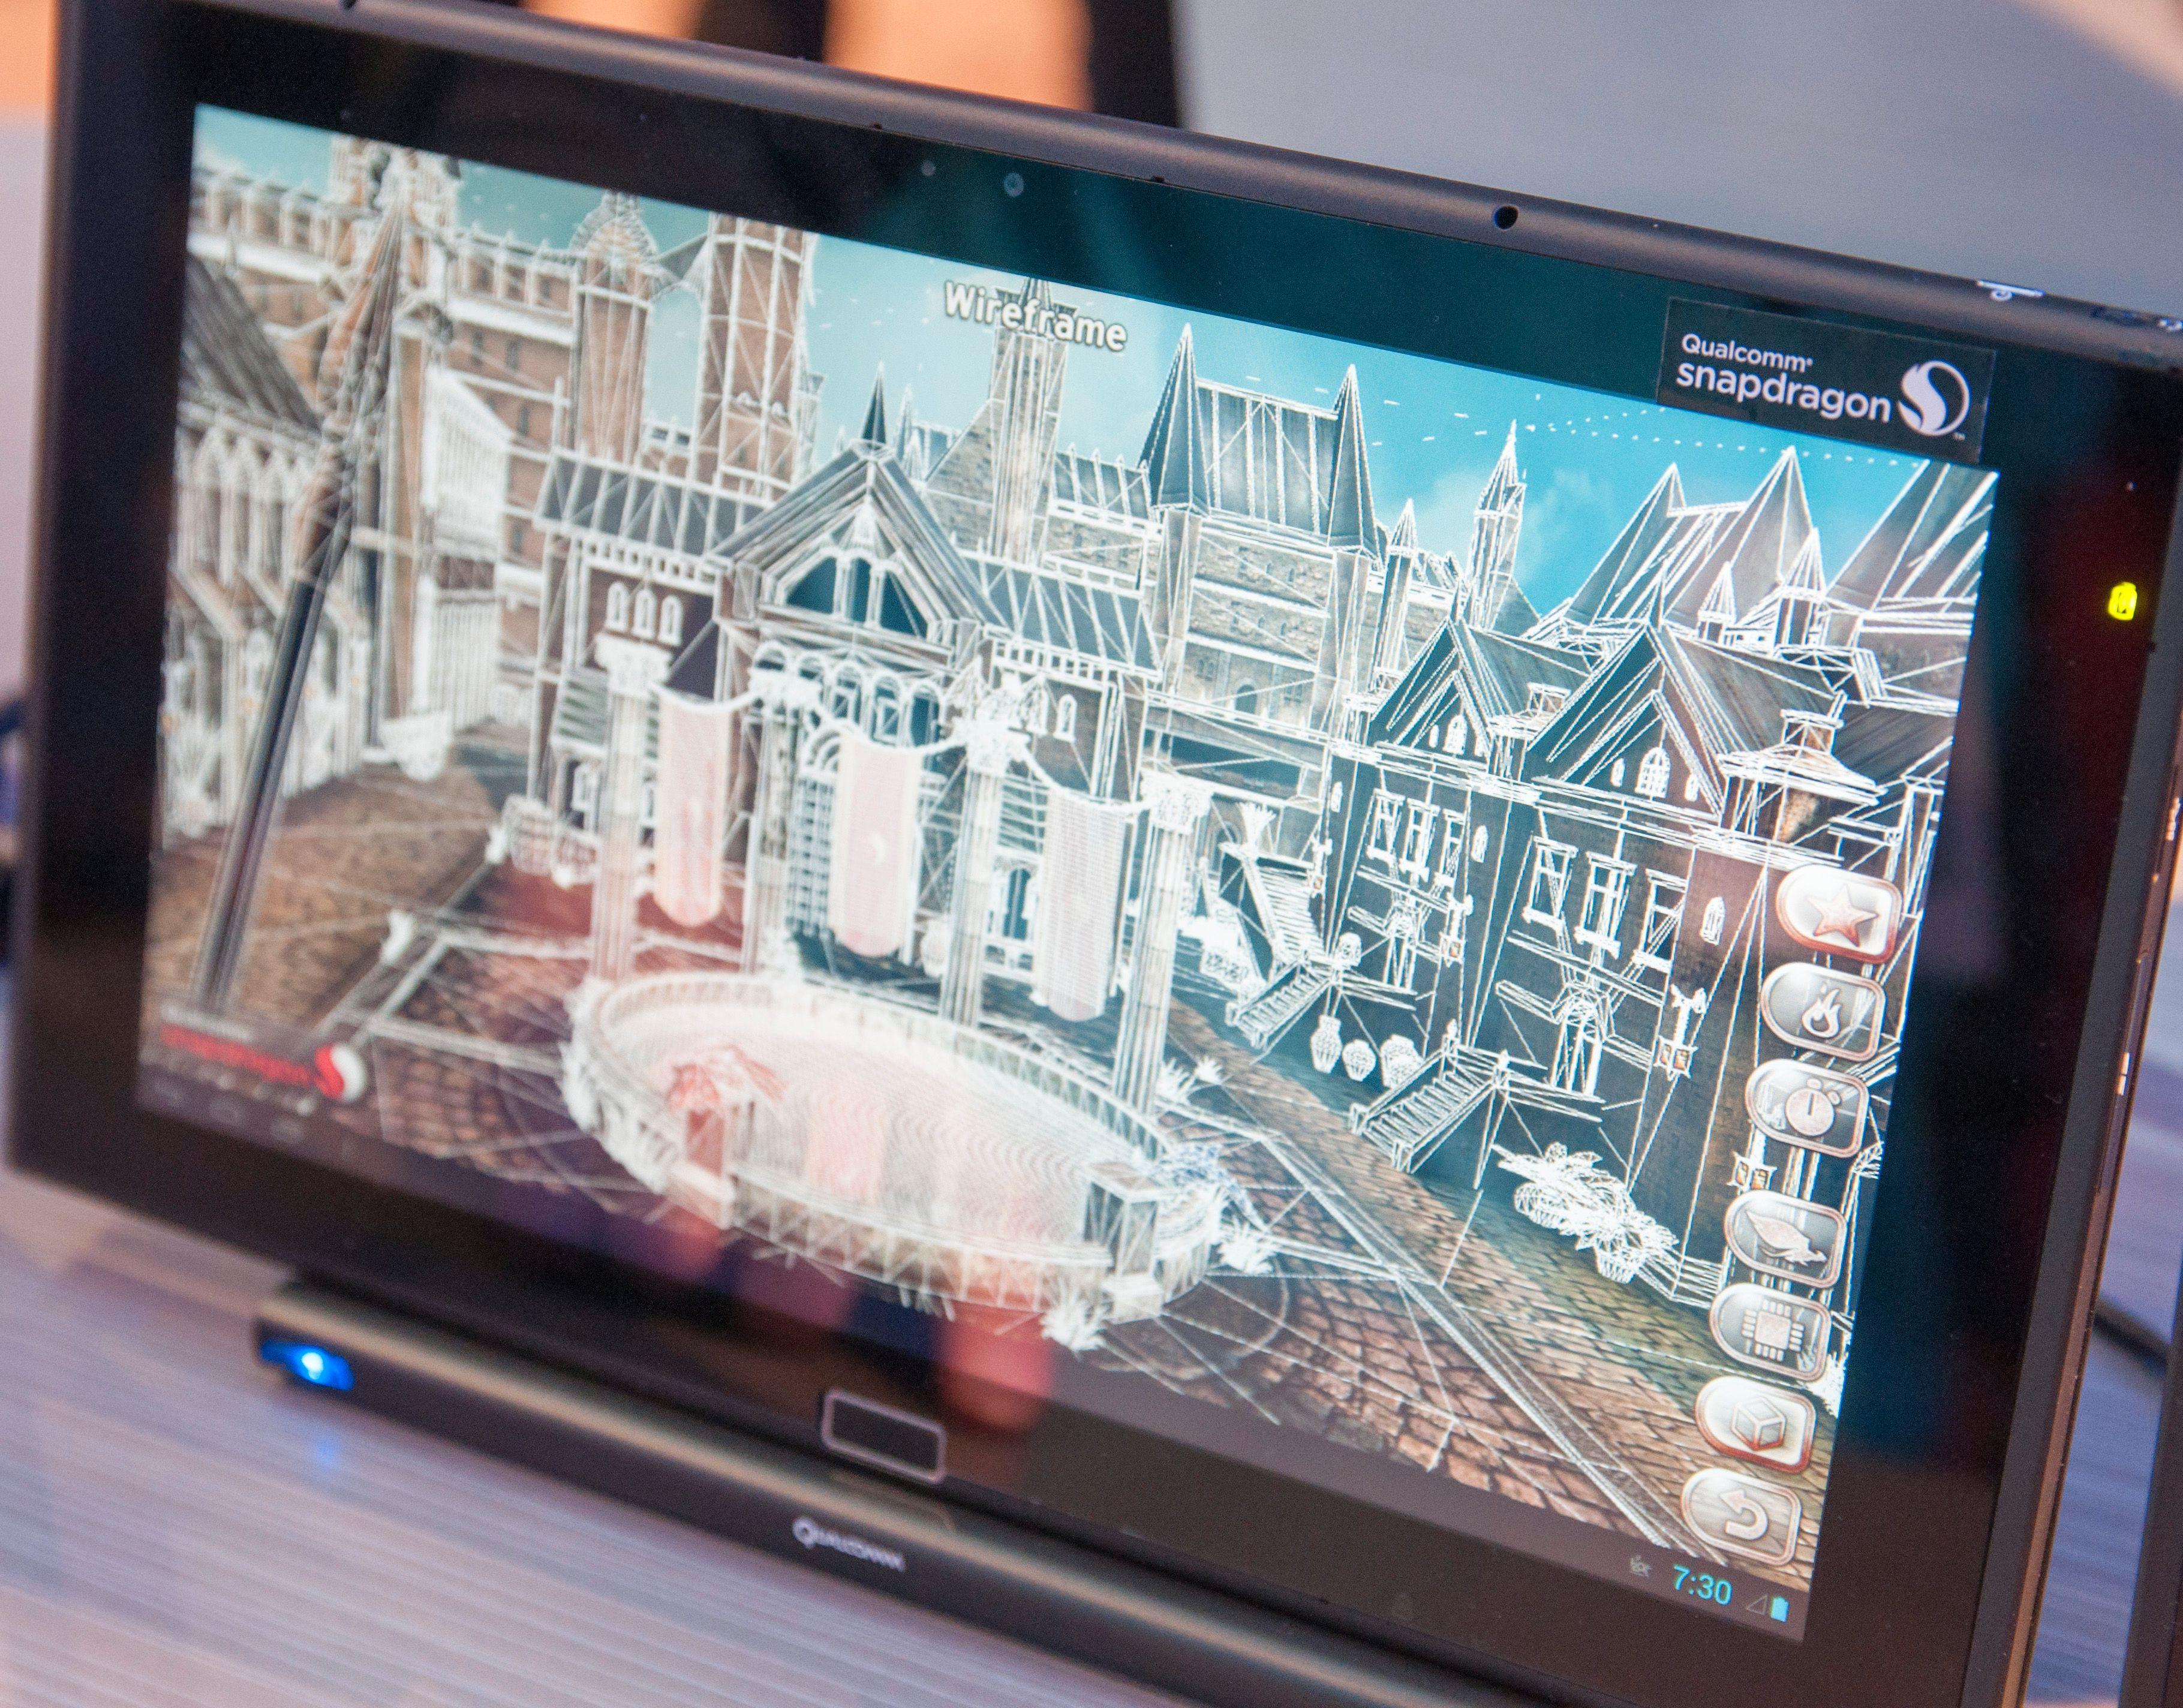 Qualcomm hadde laget en egen teknologidemo til nettbrettet.Foto: Finn Jarle Kvalheim, Amobil.no